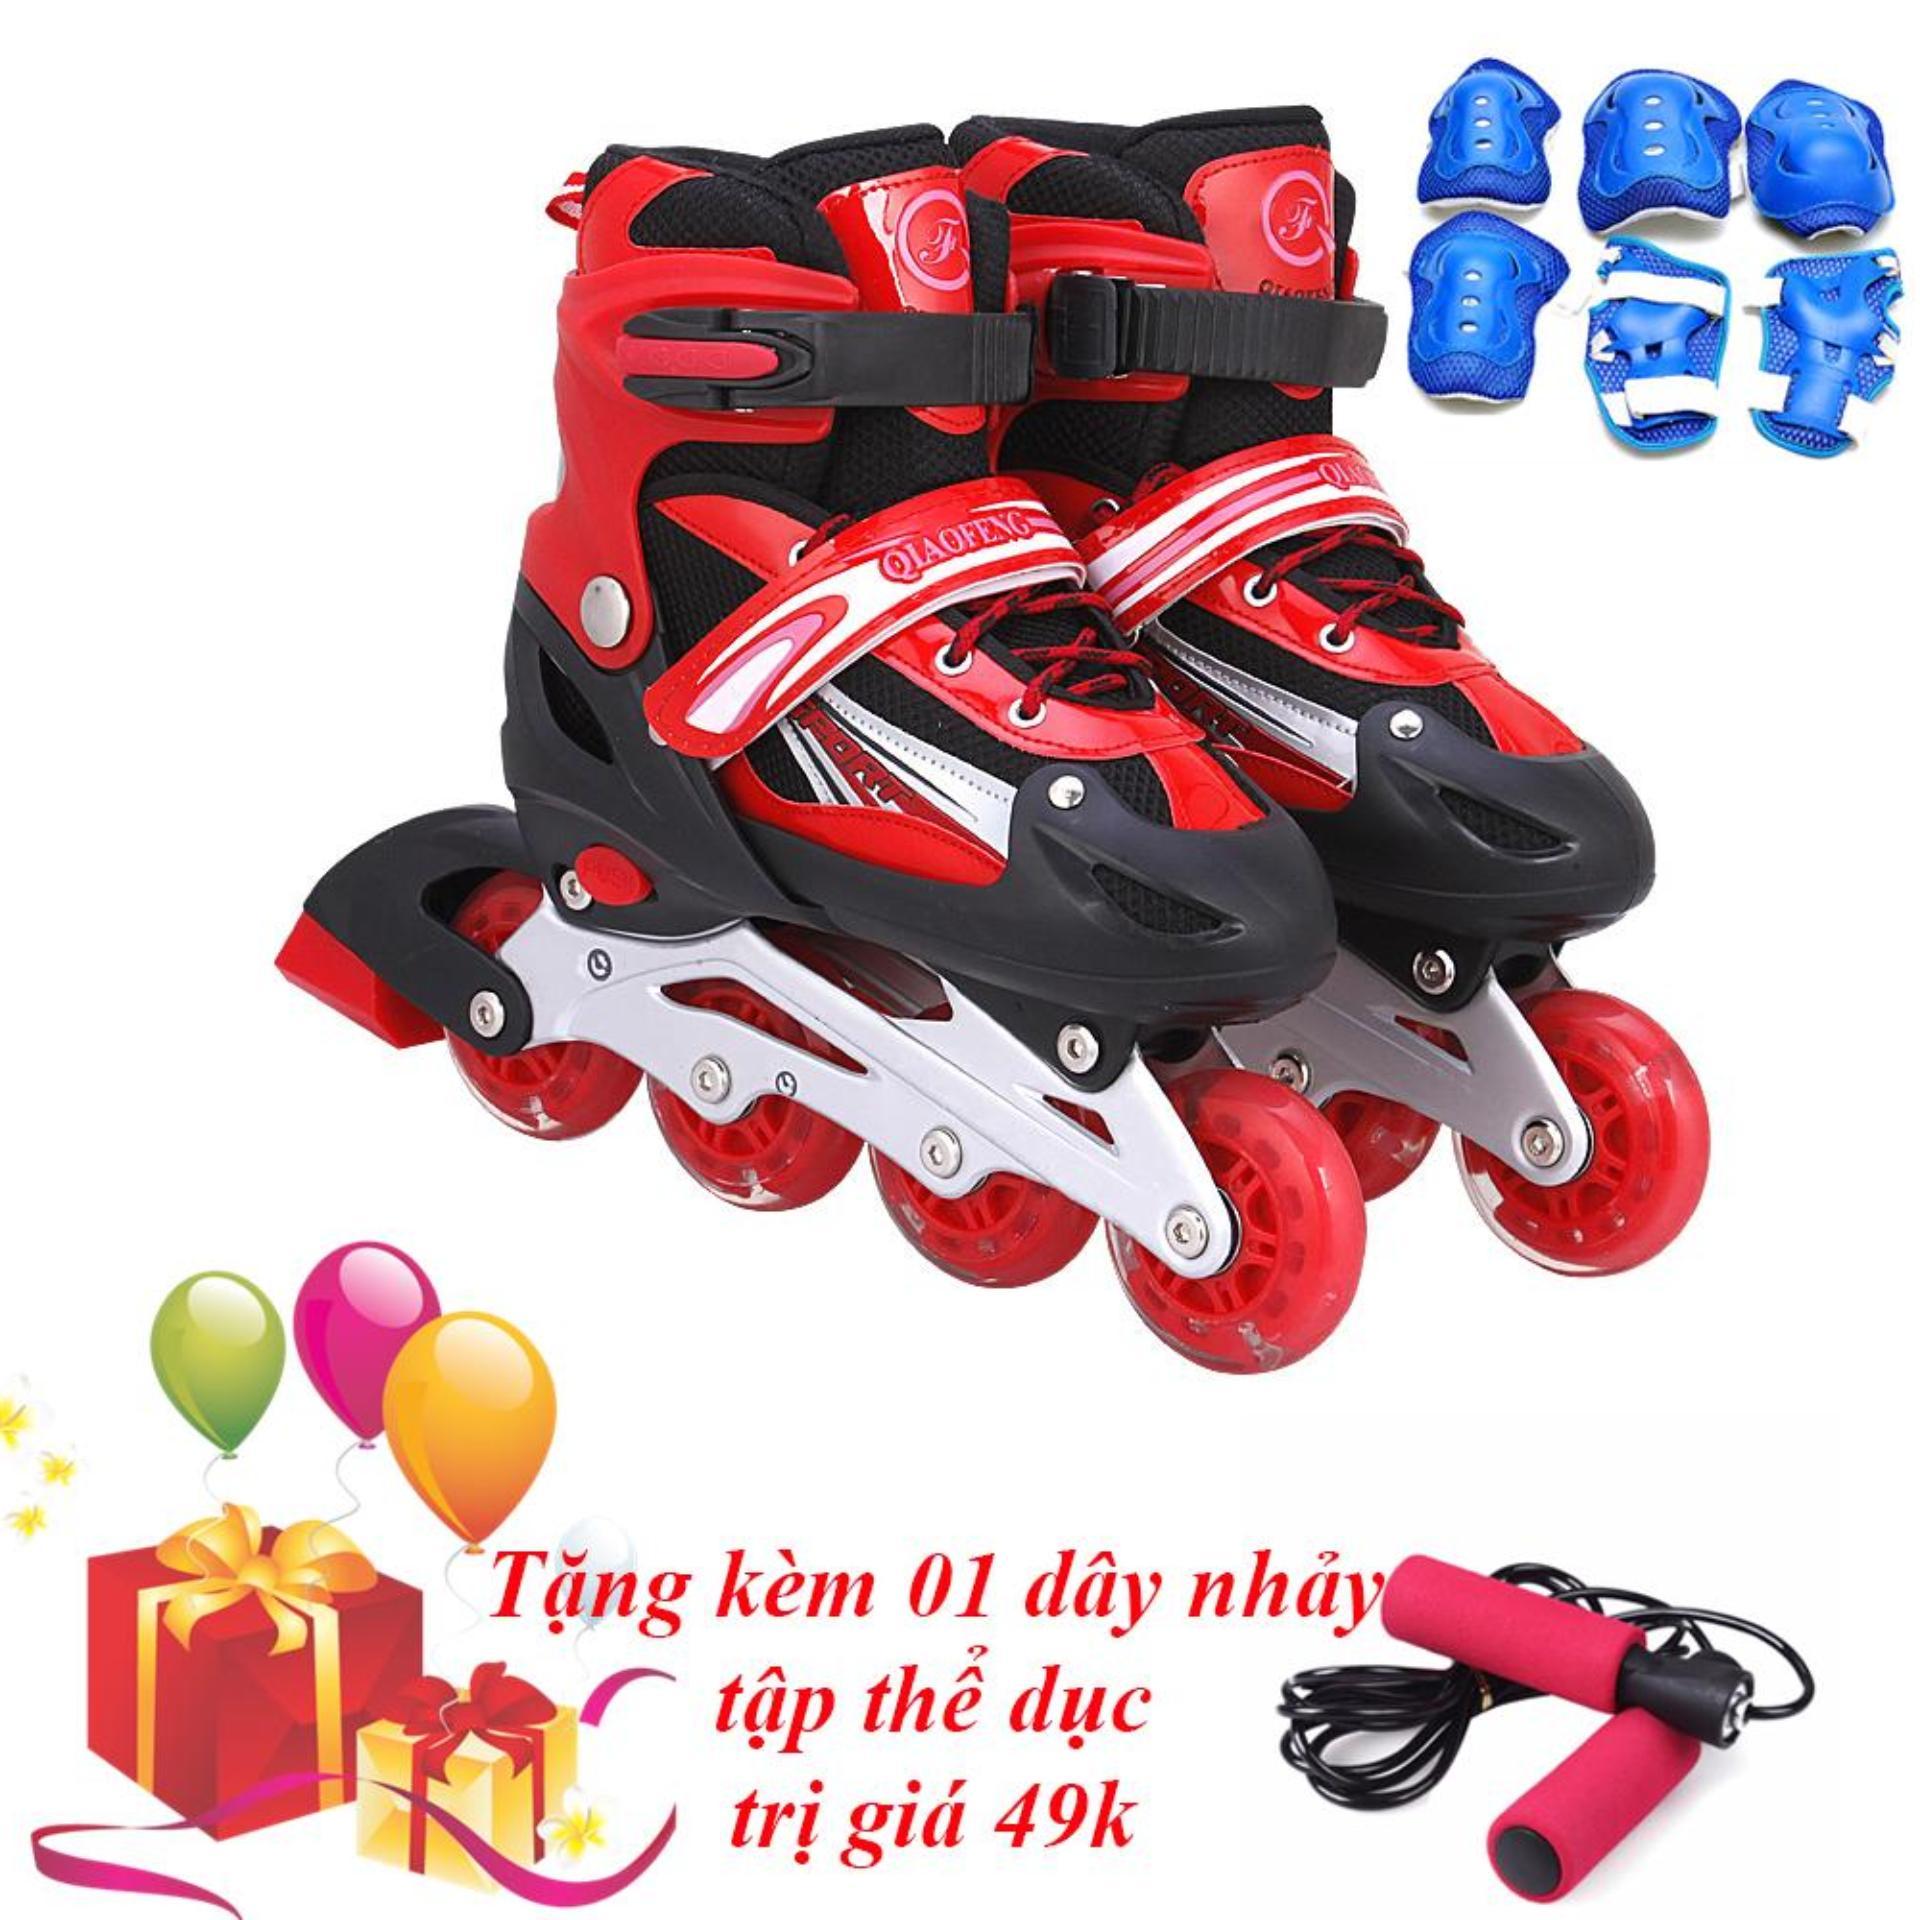 Giày Trượt Patin Phát Sáng Toàn Bộ Bánh & Đồ Bảo Hộ (Size L) - TiGi Mall - Tặng Kèm 1 Dây Nhảy